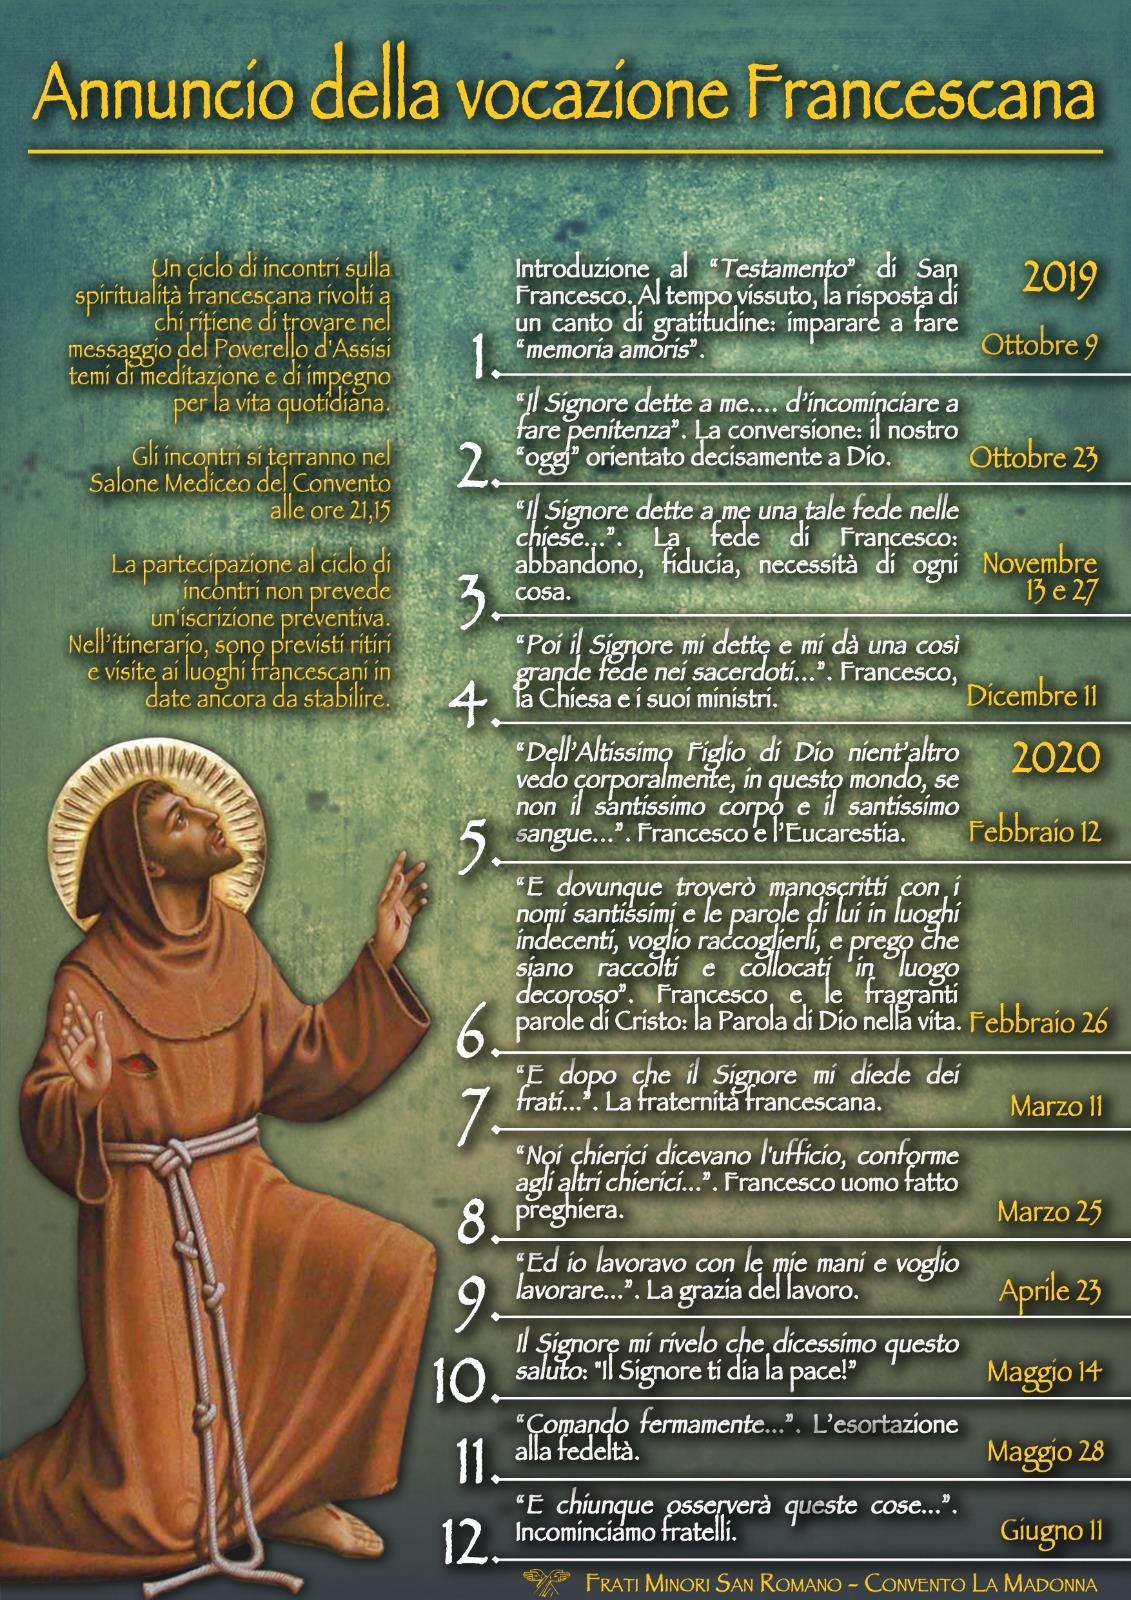 Annuncio della vocazione Francescana